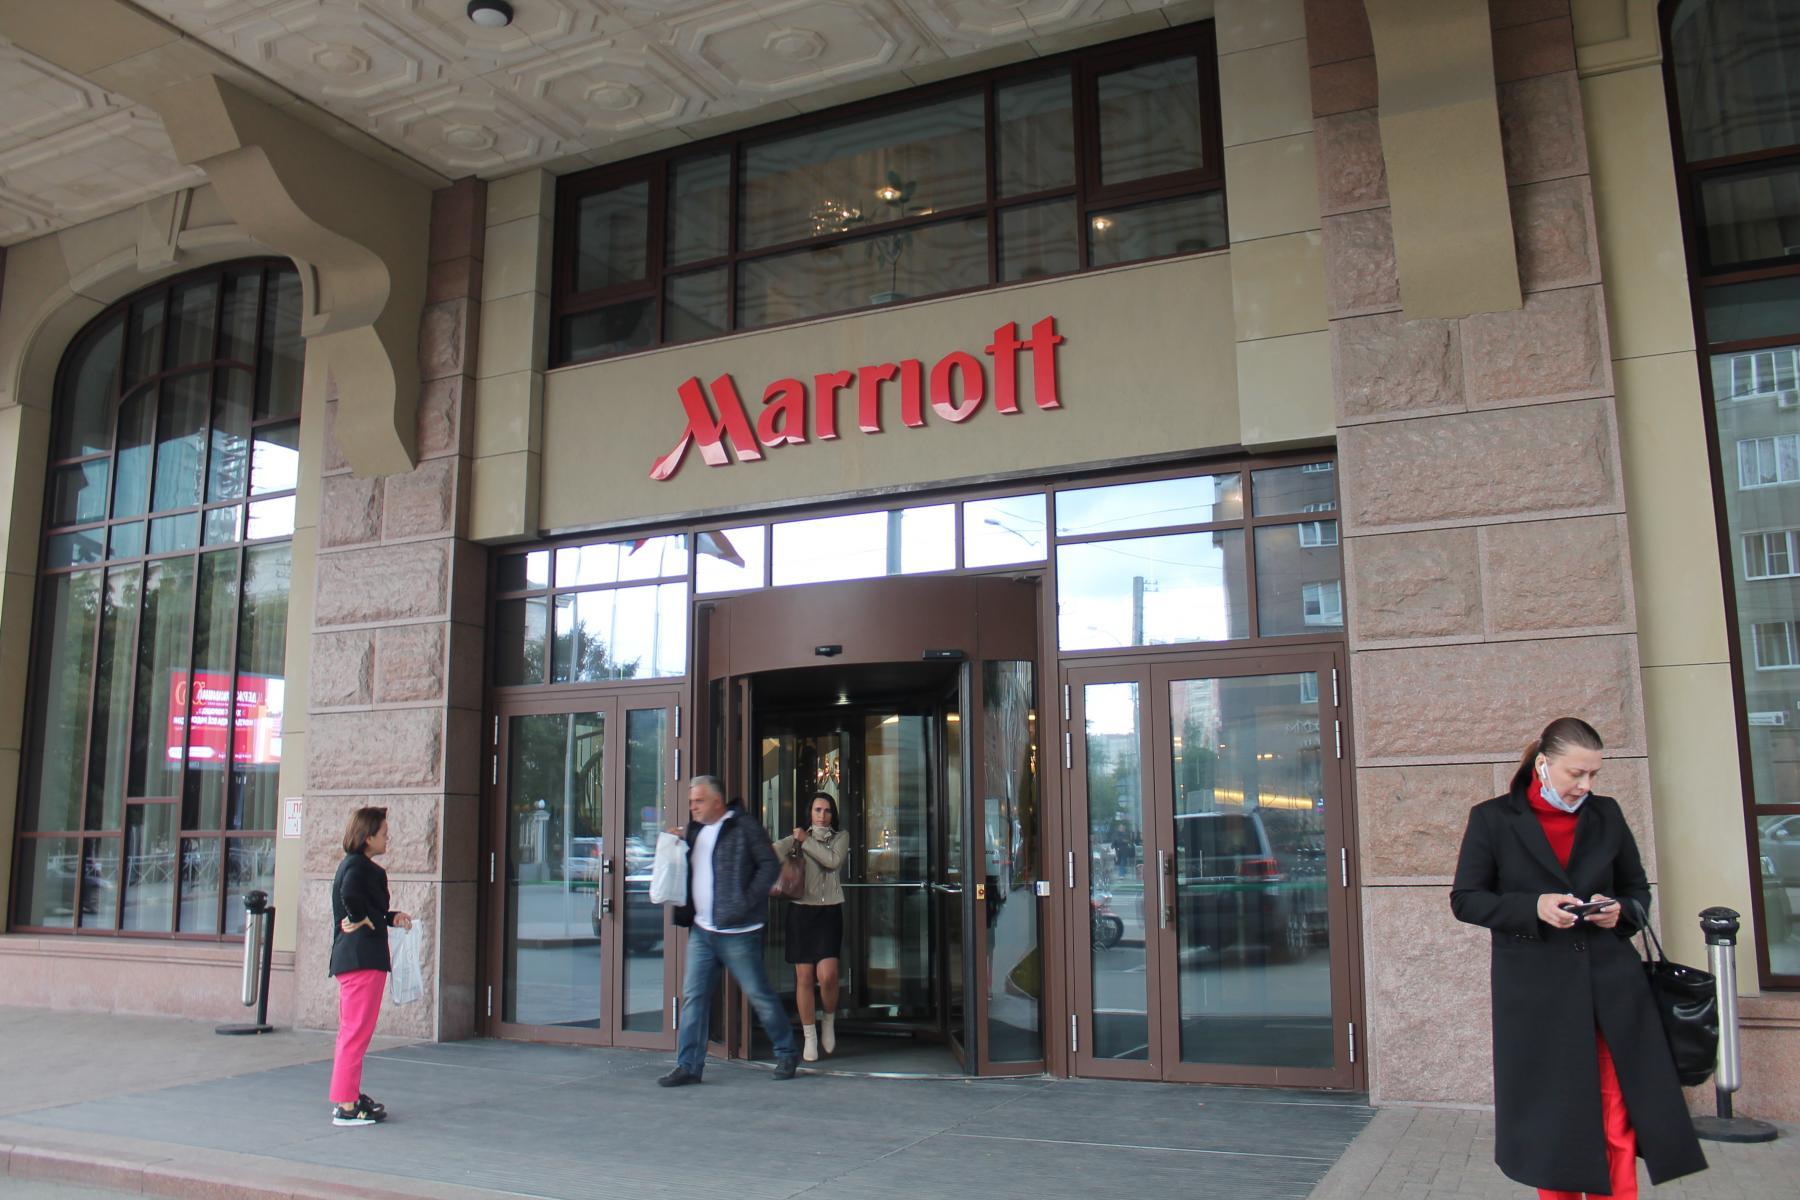 Фото Таинственное убийство в Marriott: новосибирского скульптора Игоря Самарина нашли с перерезанным горлом в отеле 6